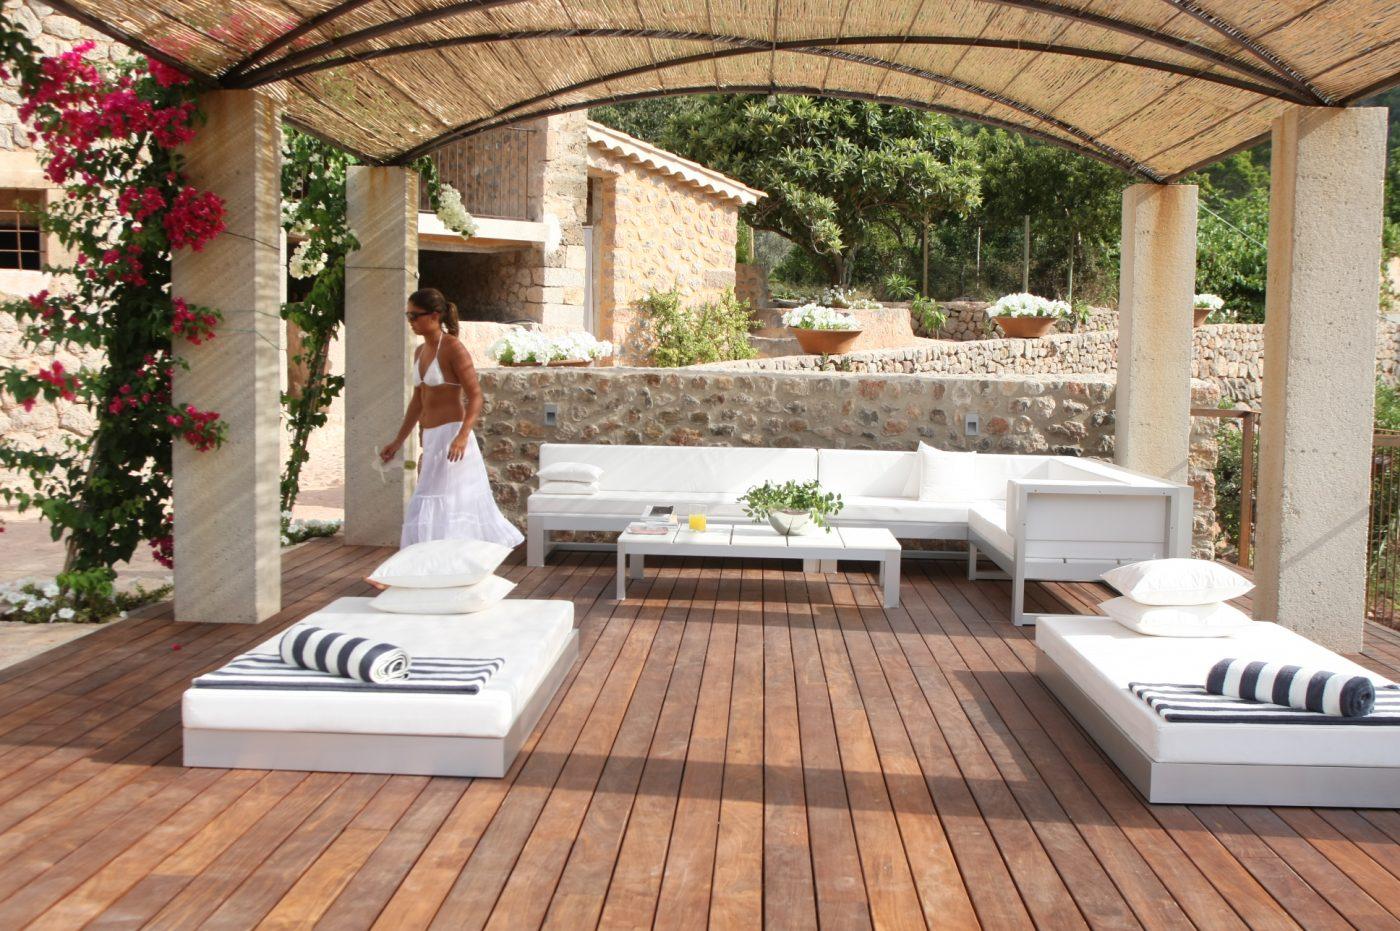 Lemon orchard estate a glorious luxury villa in mallorca for Decoracion de exteriores para terrazas